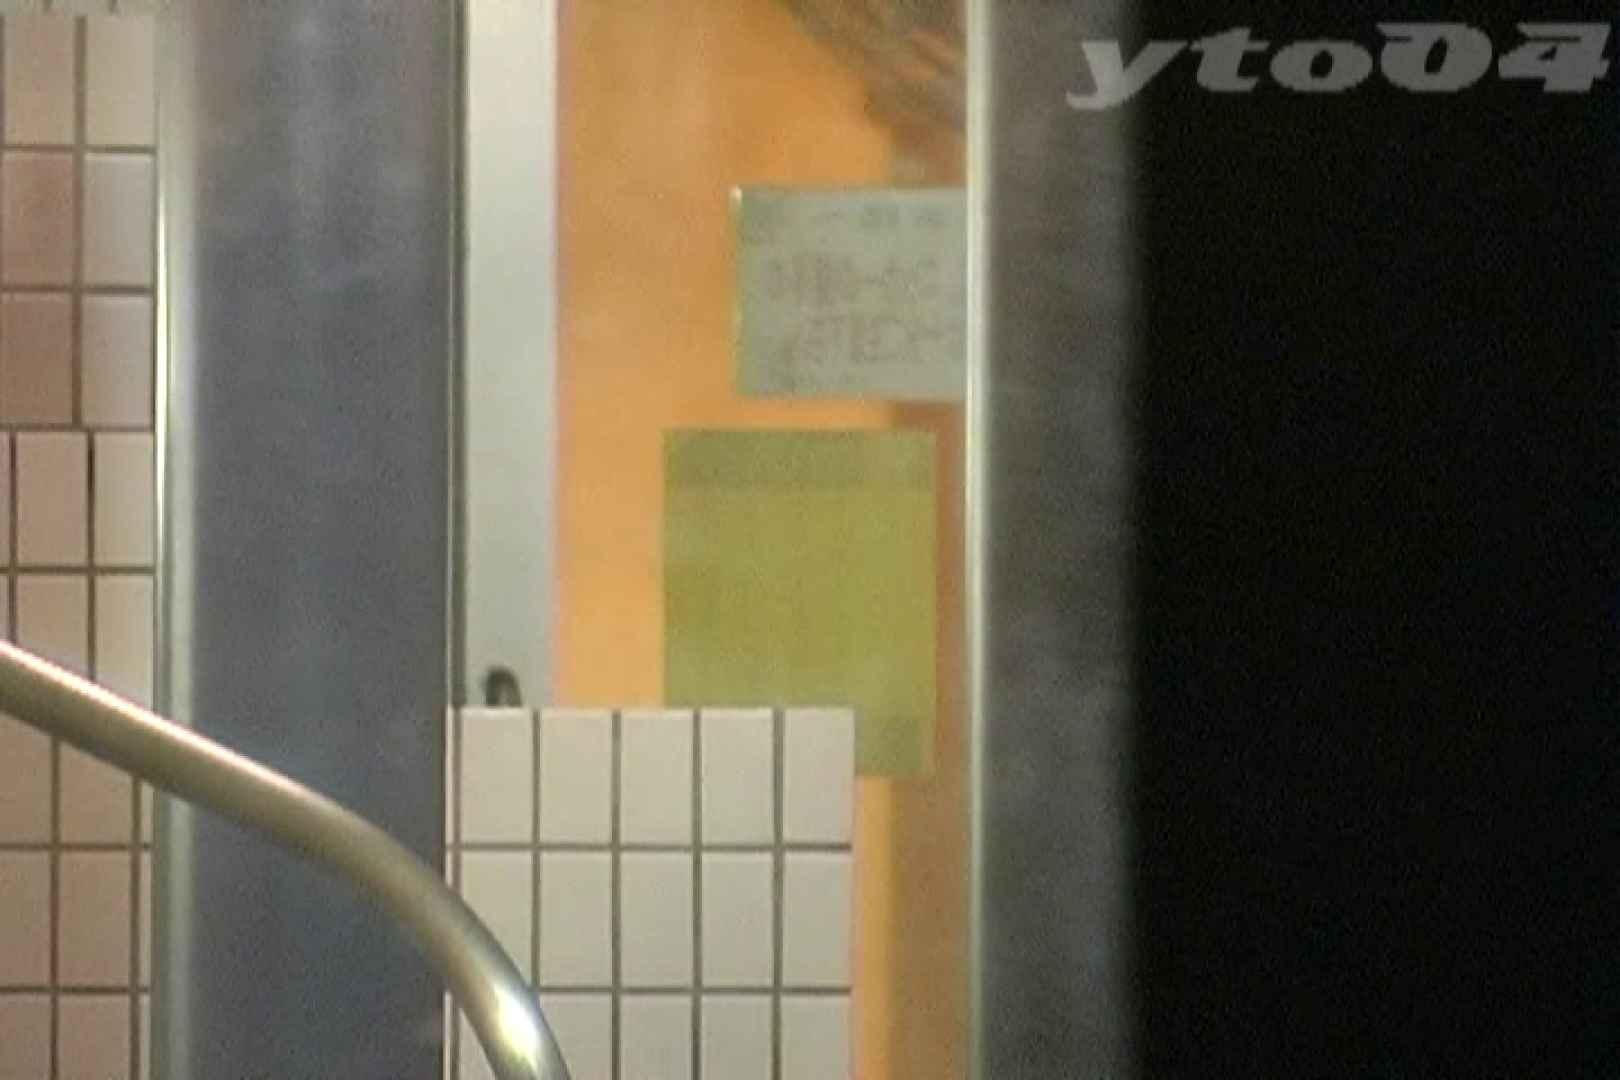 ▲復活限定▲合宿ホテル女風呂盗撮 Vol.24 ホテル  84PIX 59